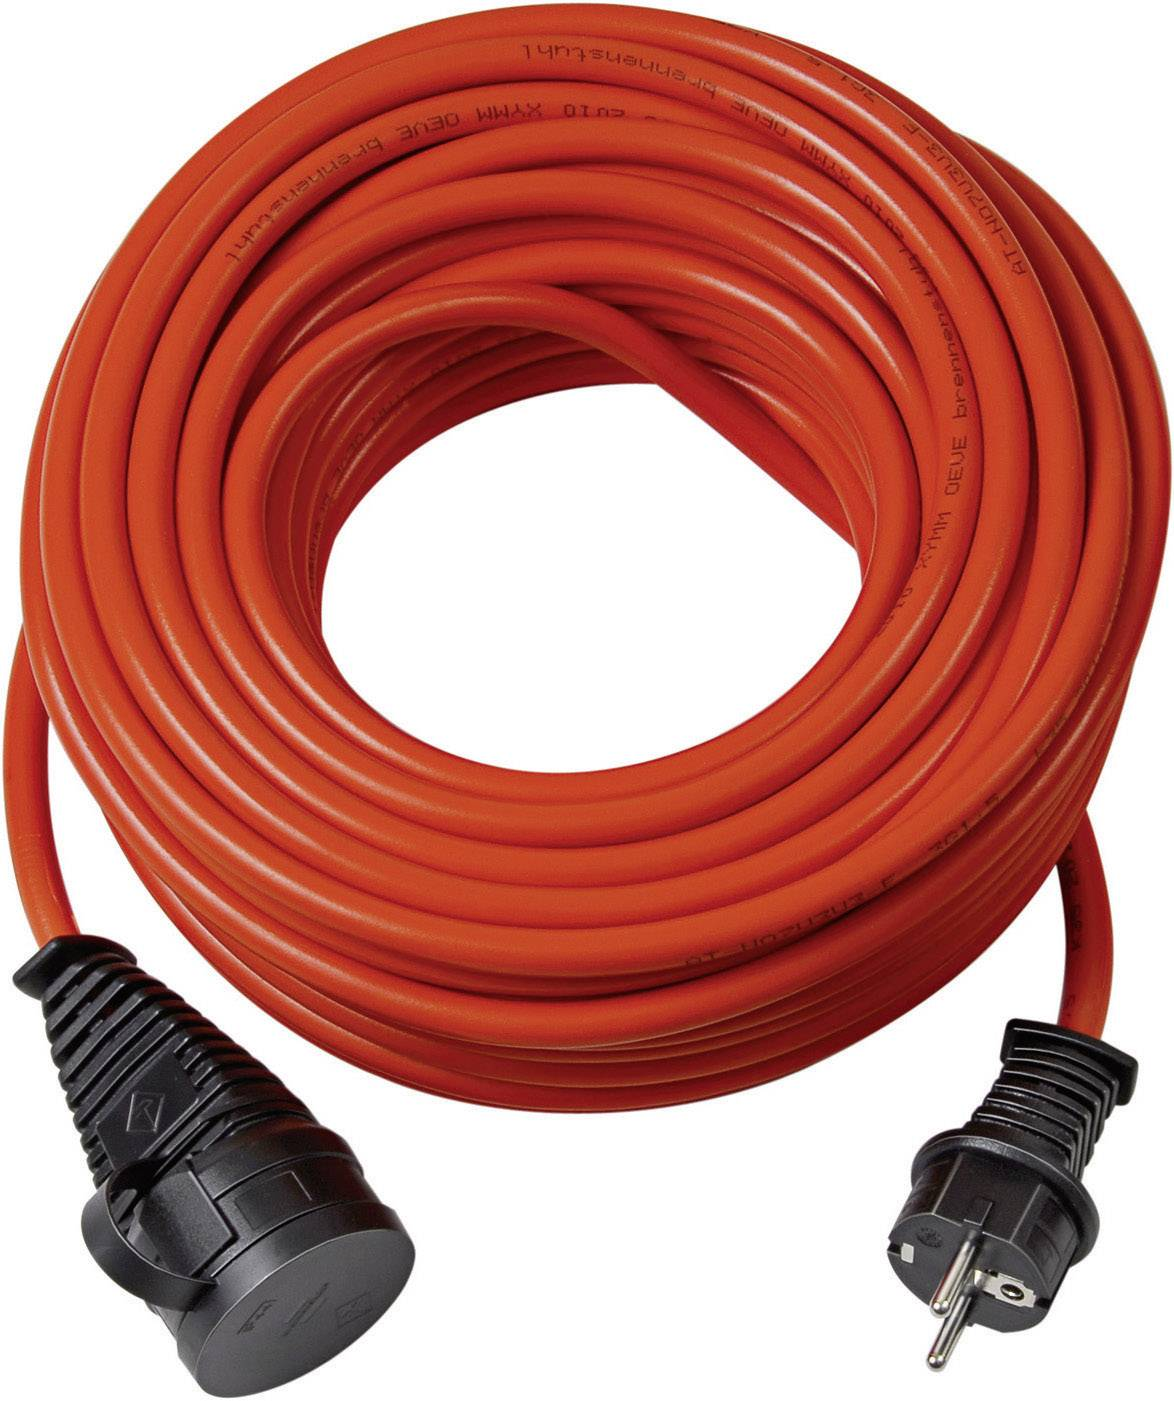 Napájecí prodlužovací kabel venkovní Brennenstuhl 1161760, IP44, červená, 20 m